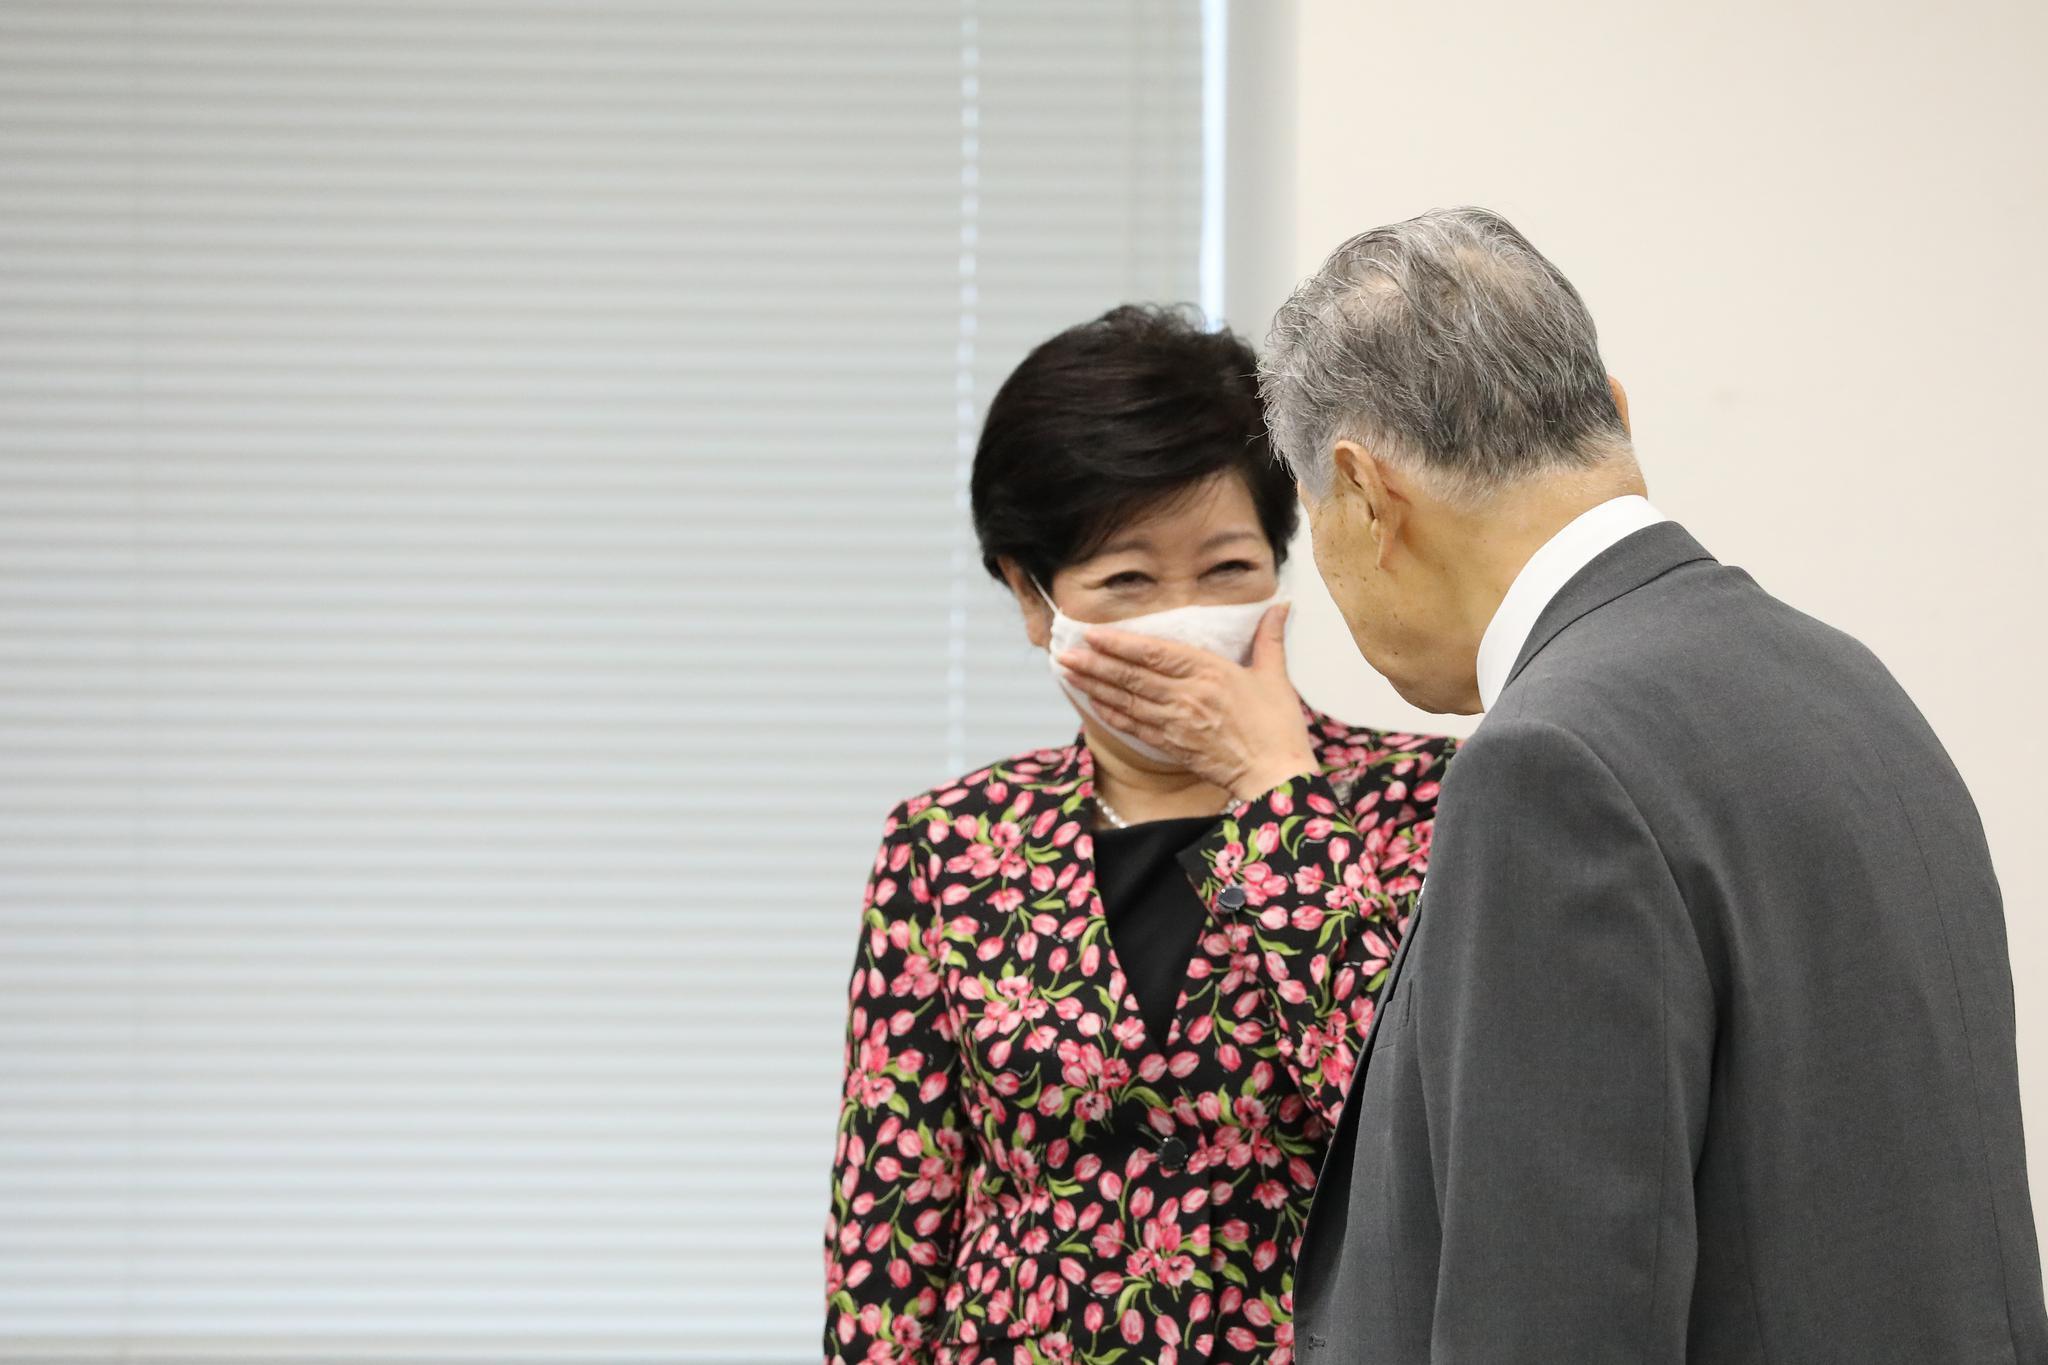 东京奥运会最新情况都知事称面临严重问题 东京奥运会2021年能如期举行吗